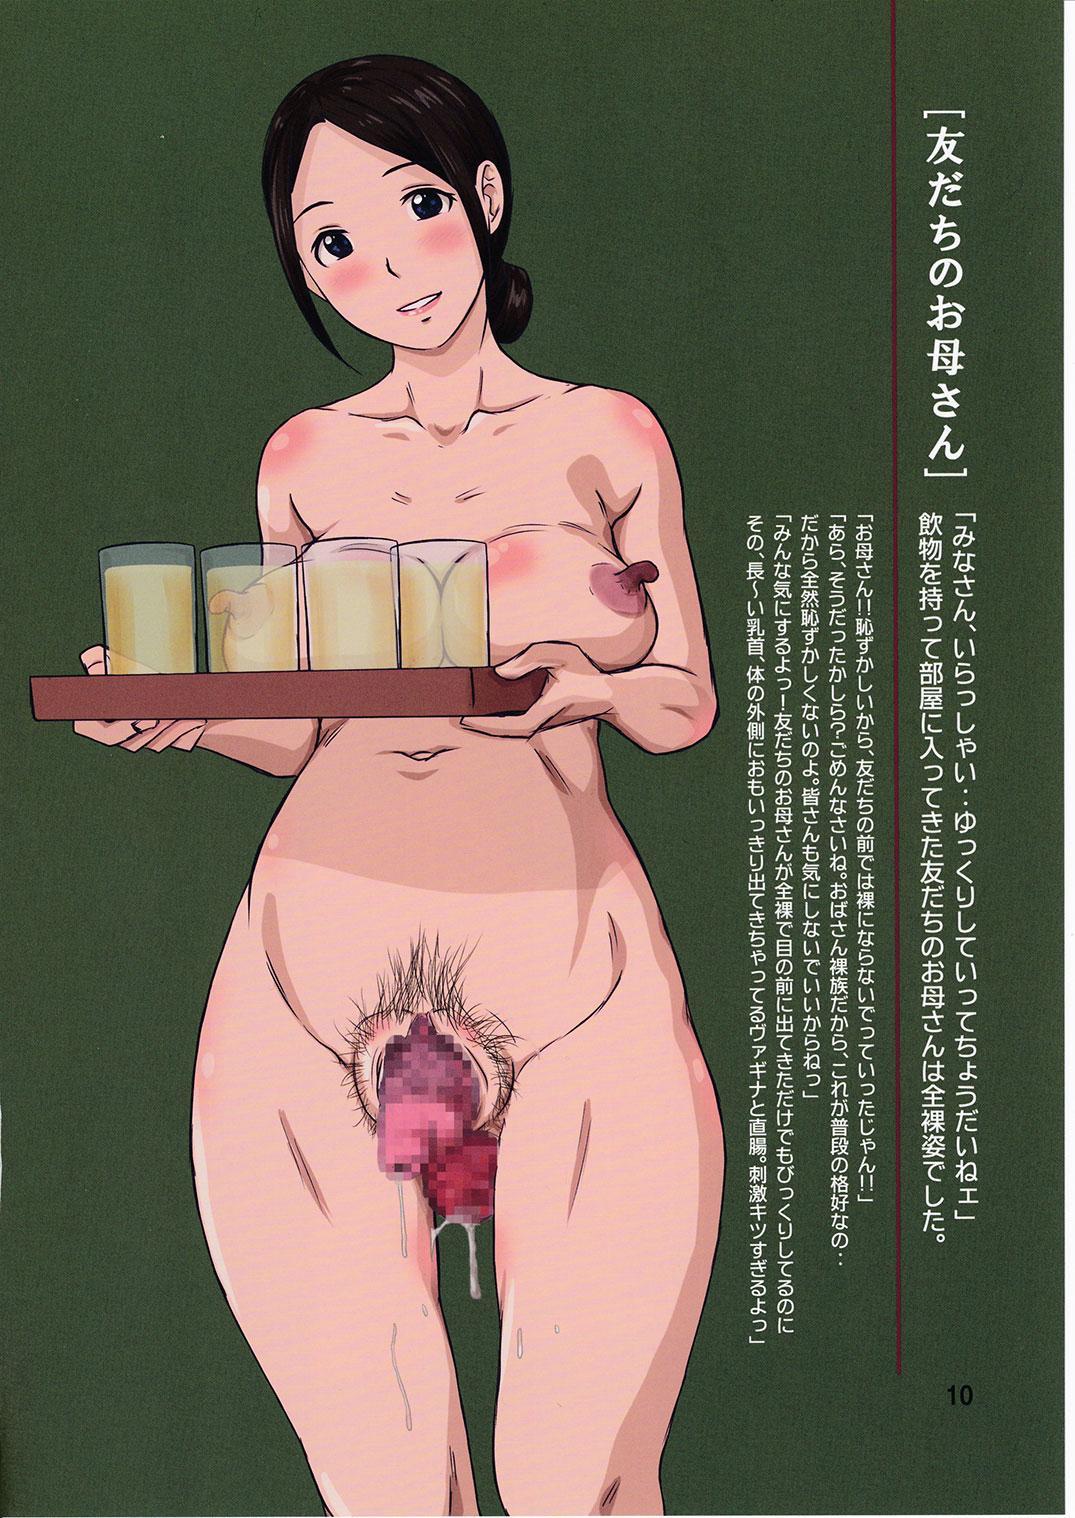 Datsukko Album 9